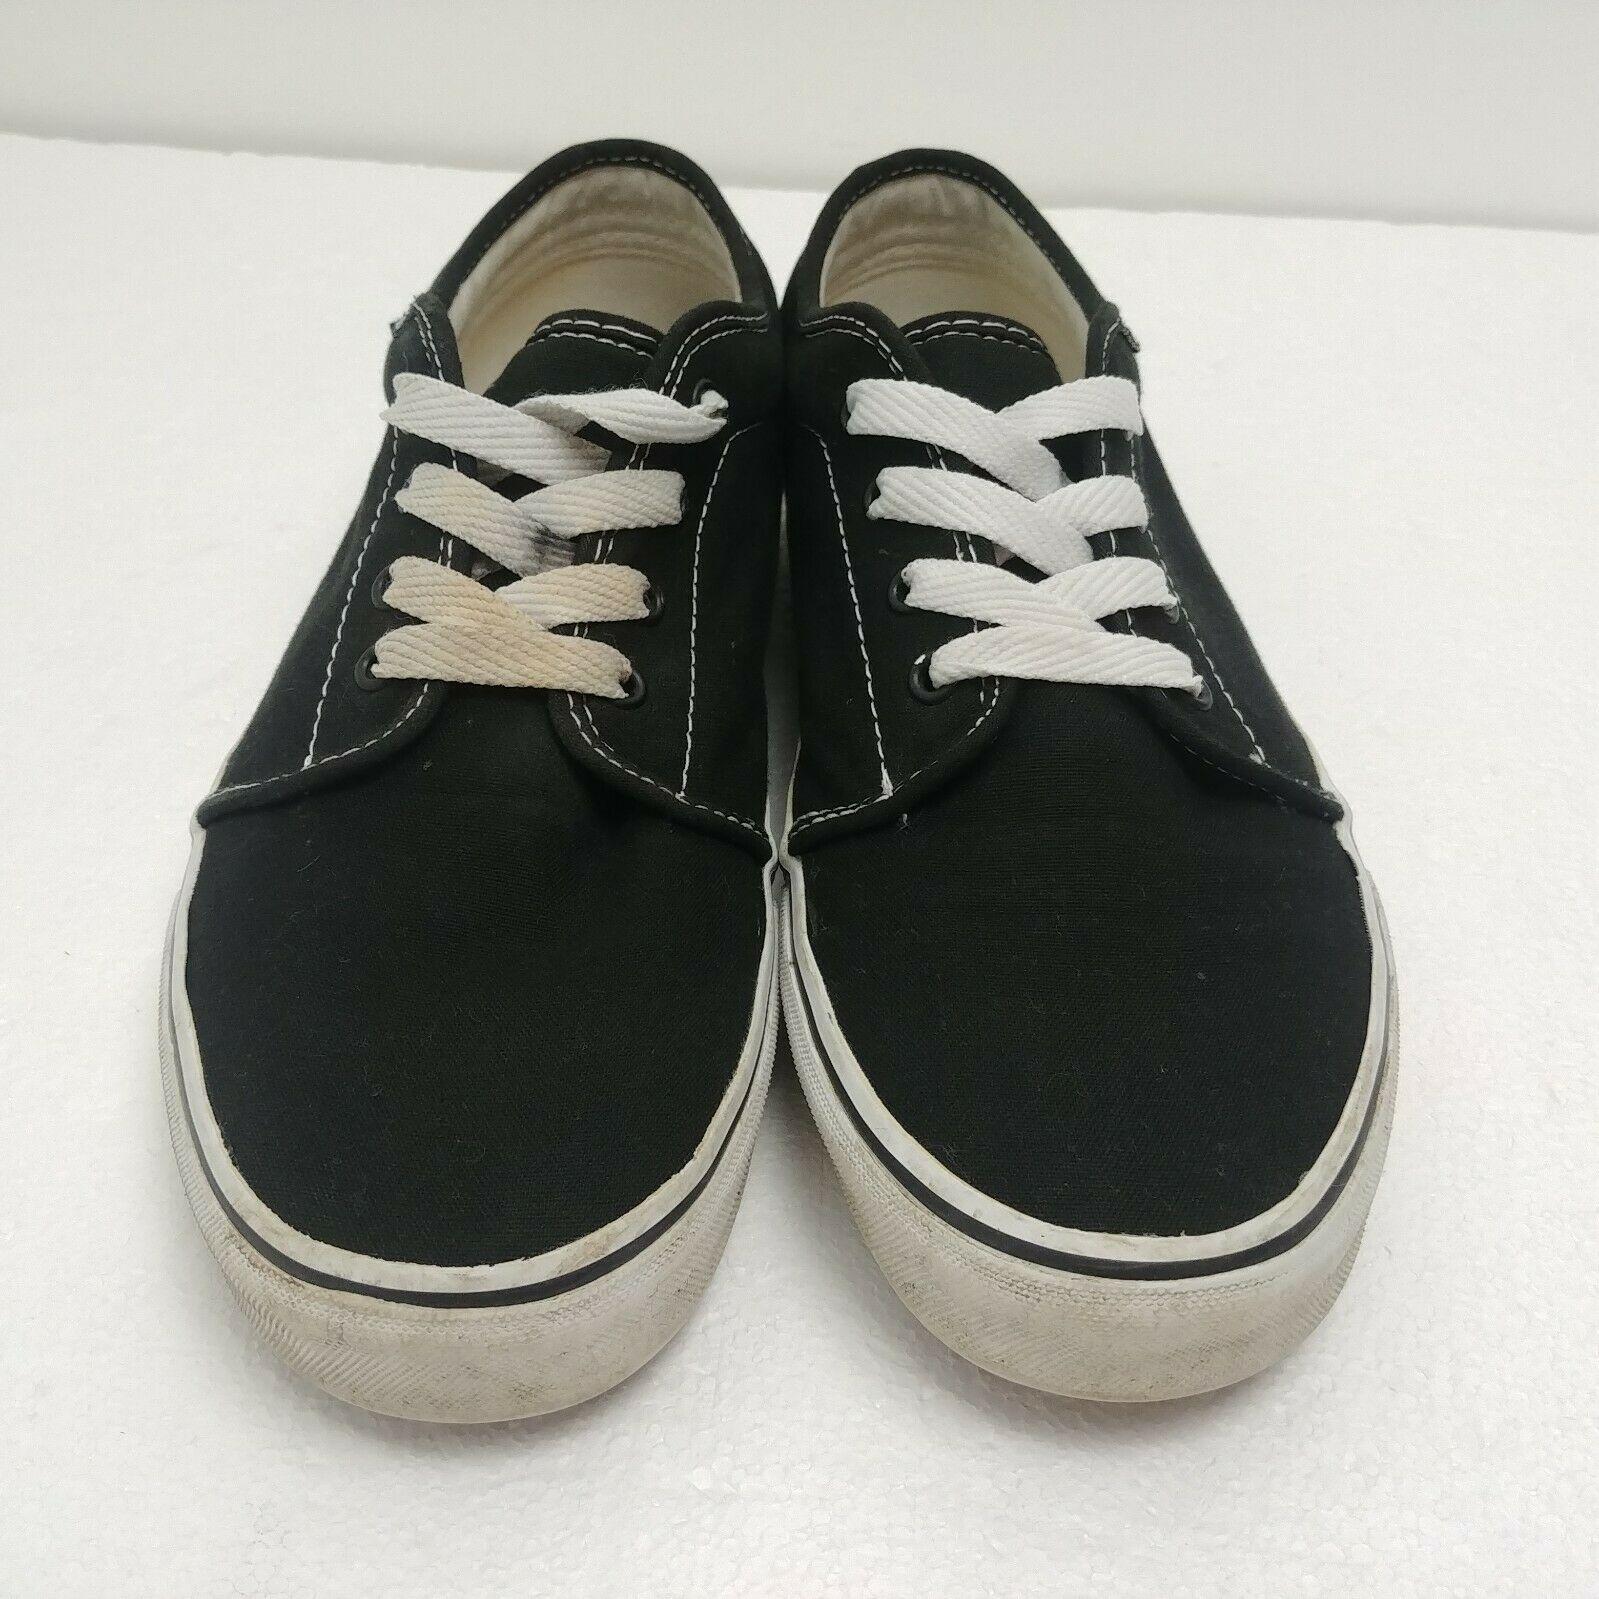 Vans Herren Atwood Canvas Total Sneakers, Schwarz (Black), 40.5 EU